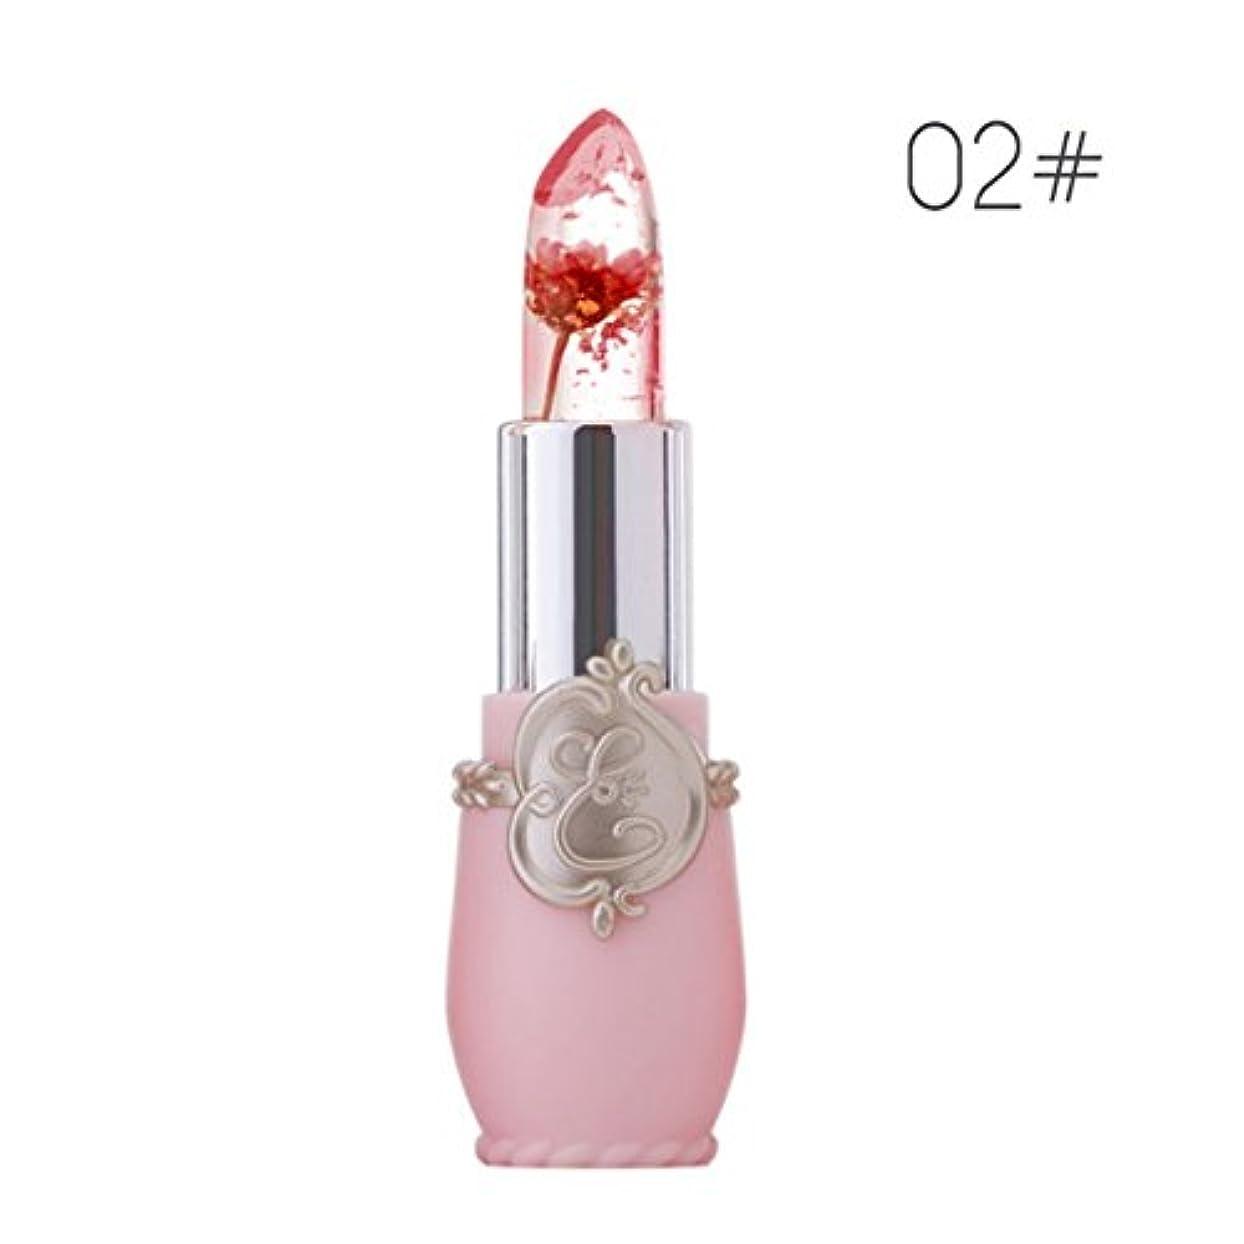 ライン州高い口紅 BOBOGOJP お花 リップグロス かわいい オシャレ 唇の温度で色が変化するリップ 金箔付け 天然オイル入り 保湿 長持ち リップスティック 透明 リップベース 子供 大人 プレゼント (B)